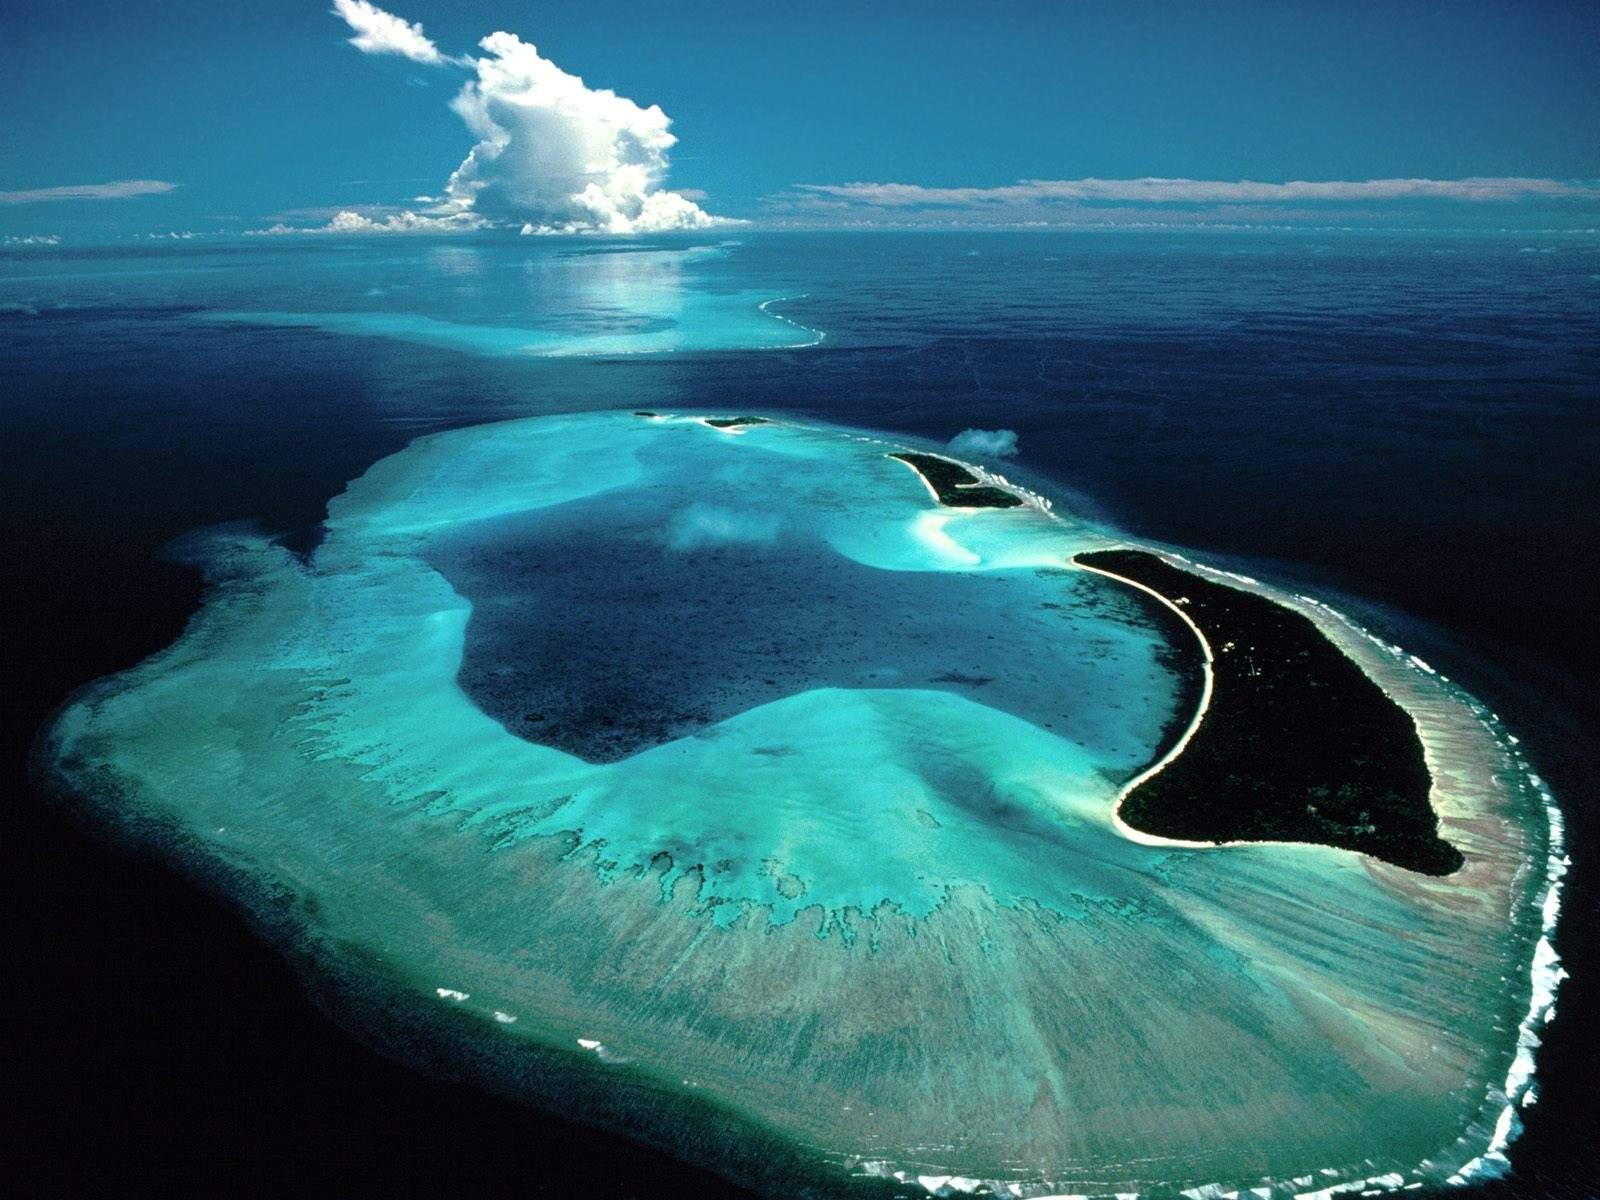 http://4.bp.blogspot.com/-CSDVgAxgmIg/UGWEB6pACcI/AAAAAAAAAZU/zQrw22MEiLU/s1600/1.death-waters-ocean-wallpaper-hd-landscape-desktop-background.jpg